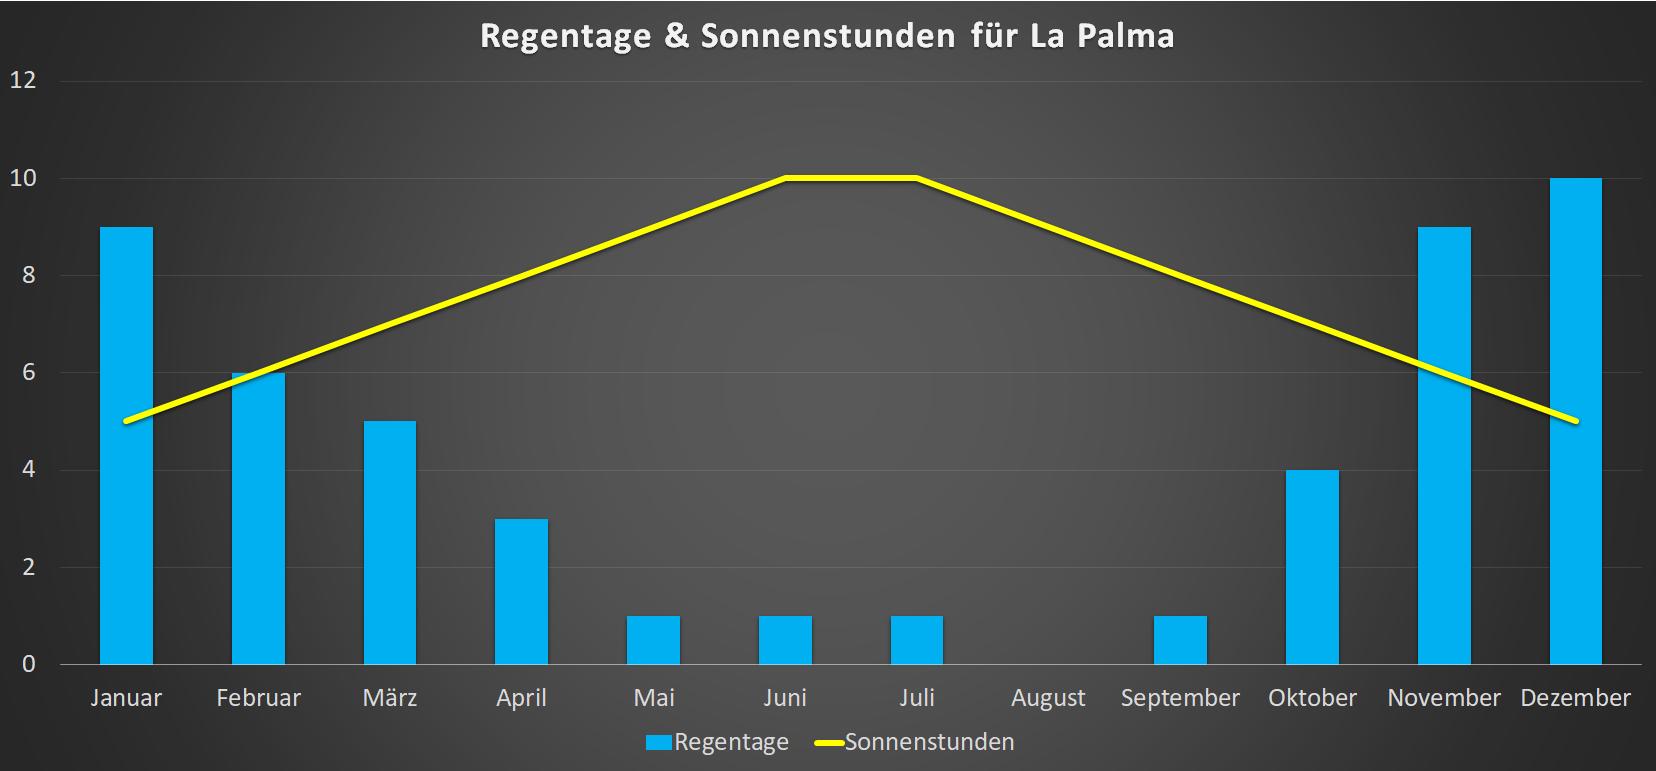 Regentage & Sonnenstunden für La Palma im Jahresverlauf